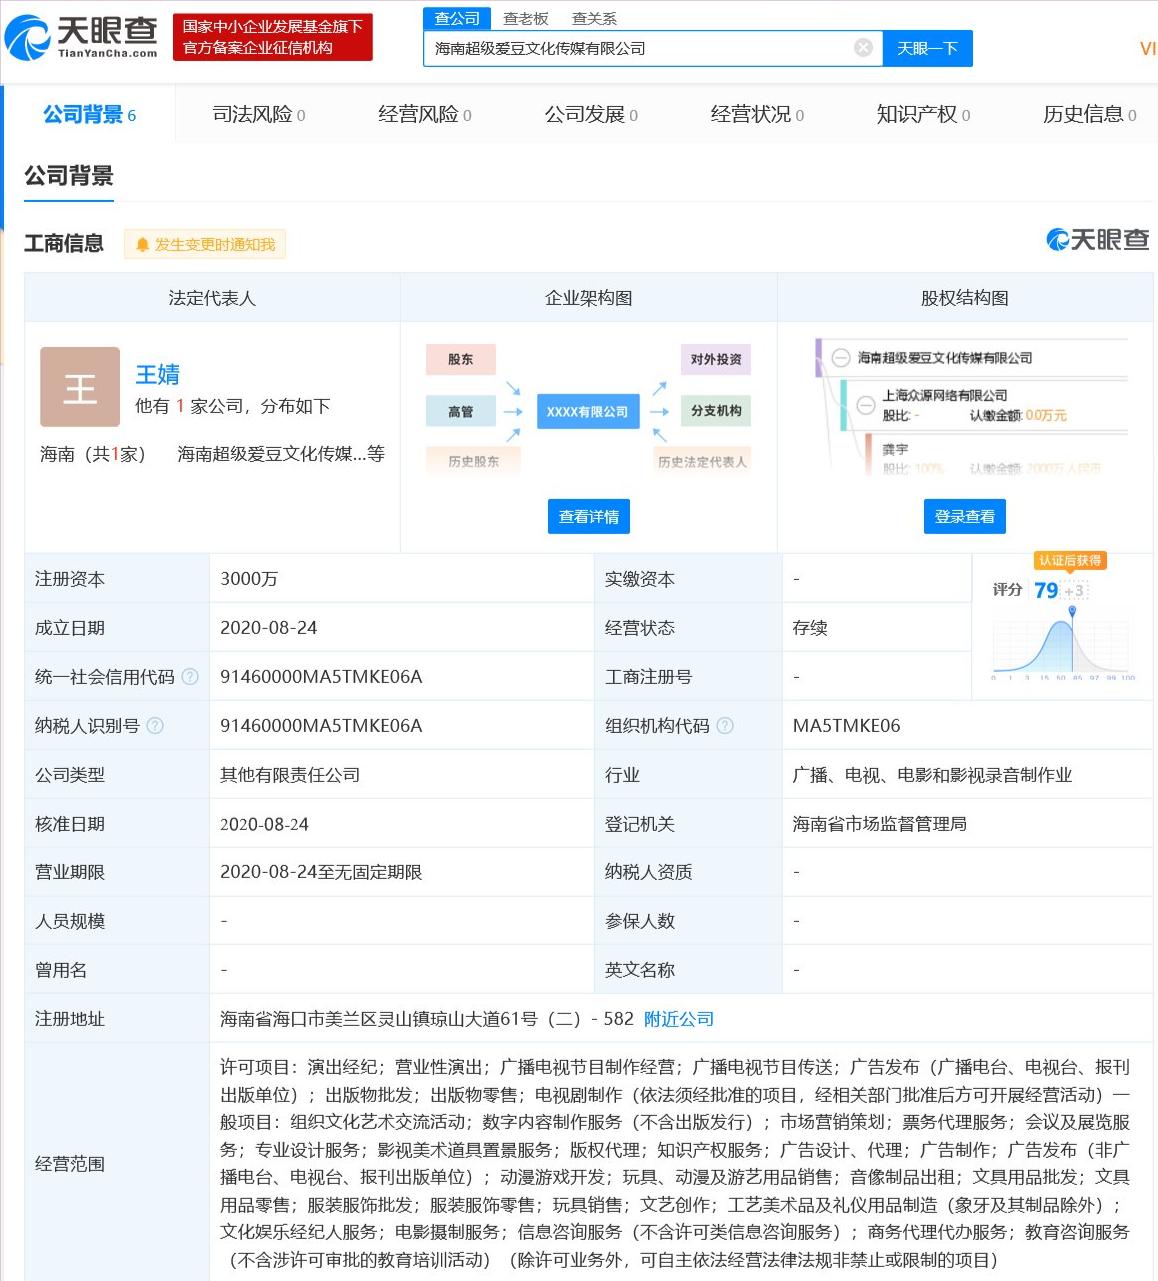 爱奇艺成立海南新公司